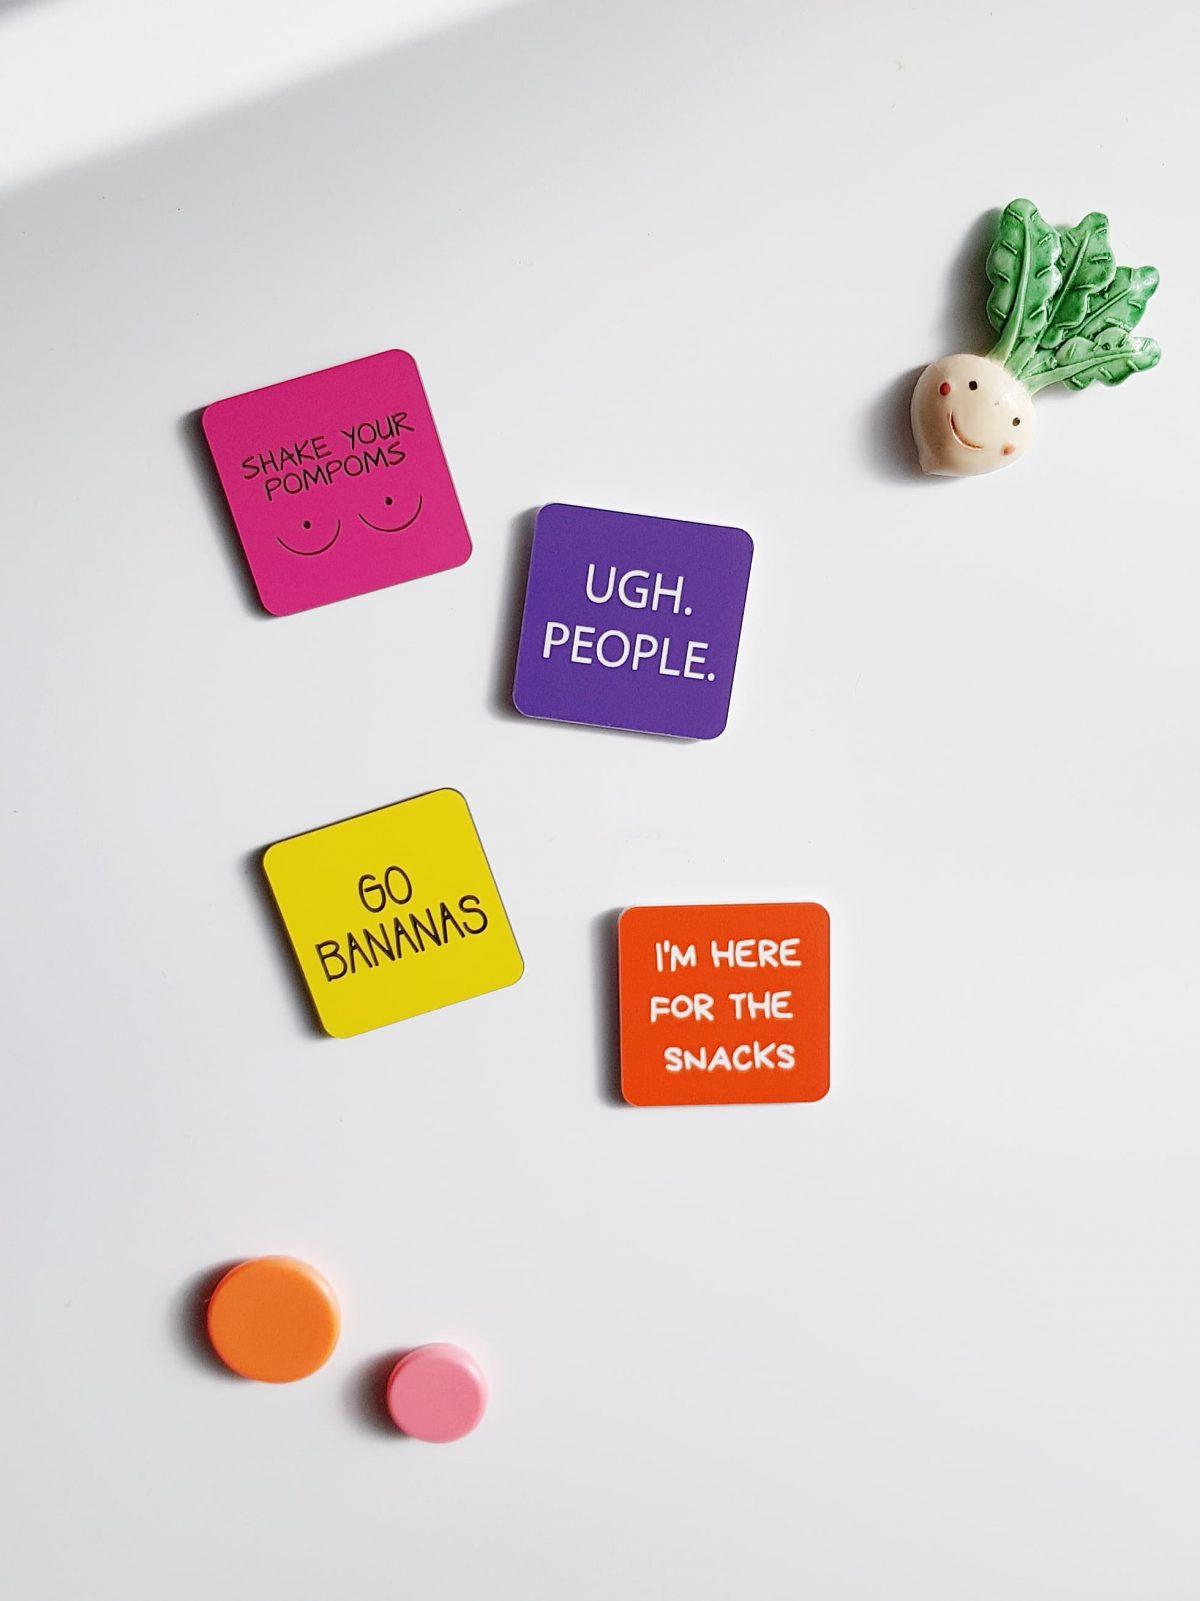 koelkastmagneten-van-gekkiggeit-met-verschillende-grappige-teksten